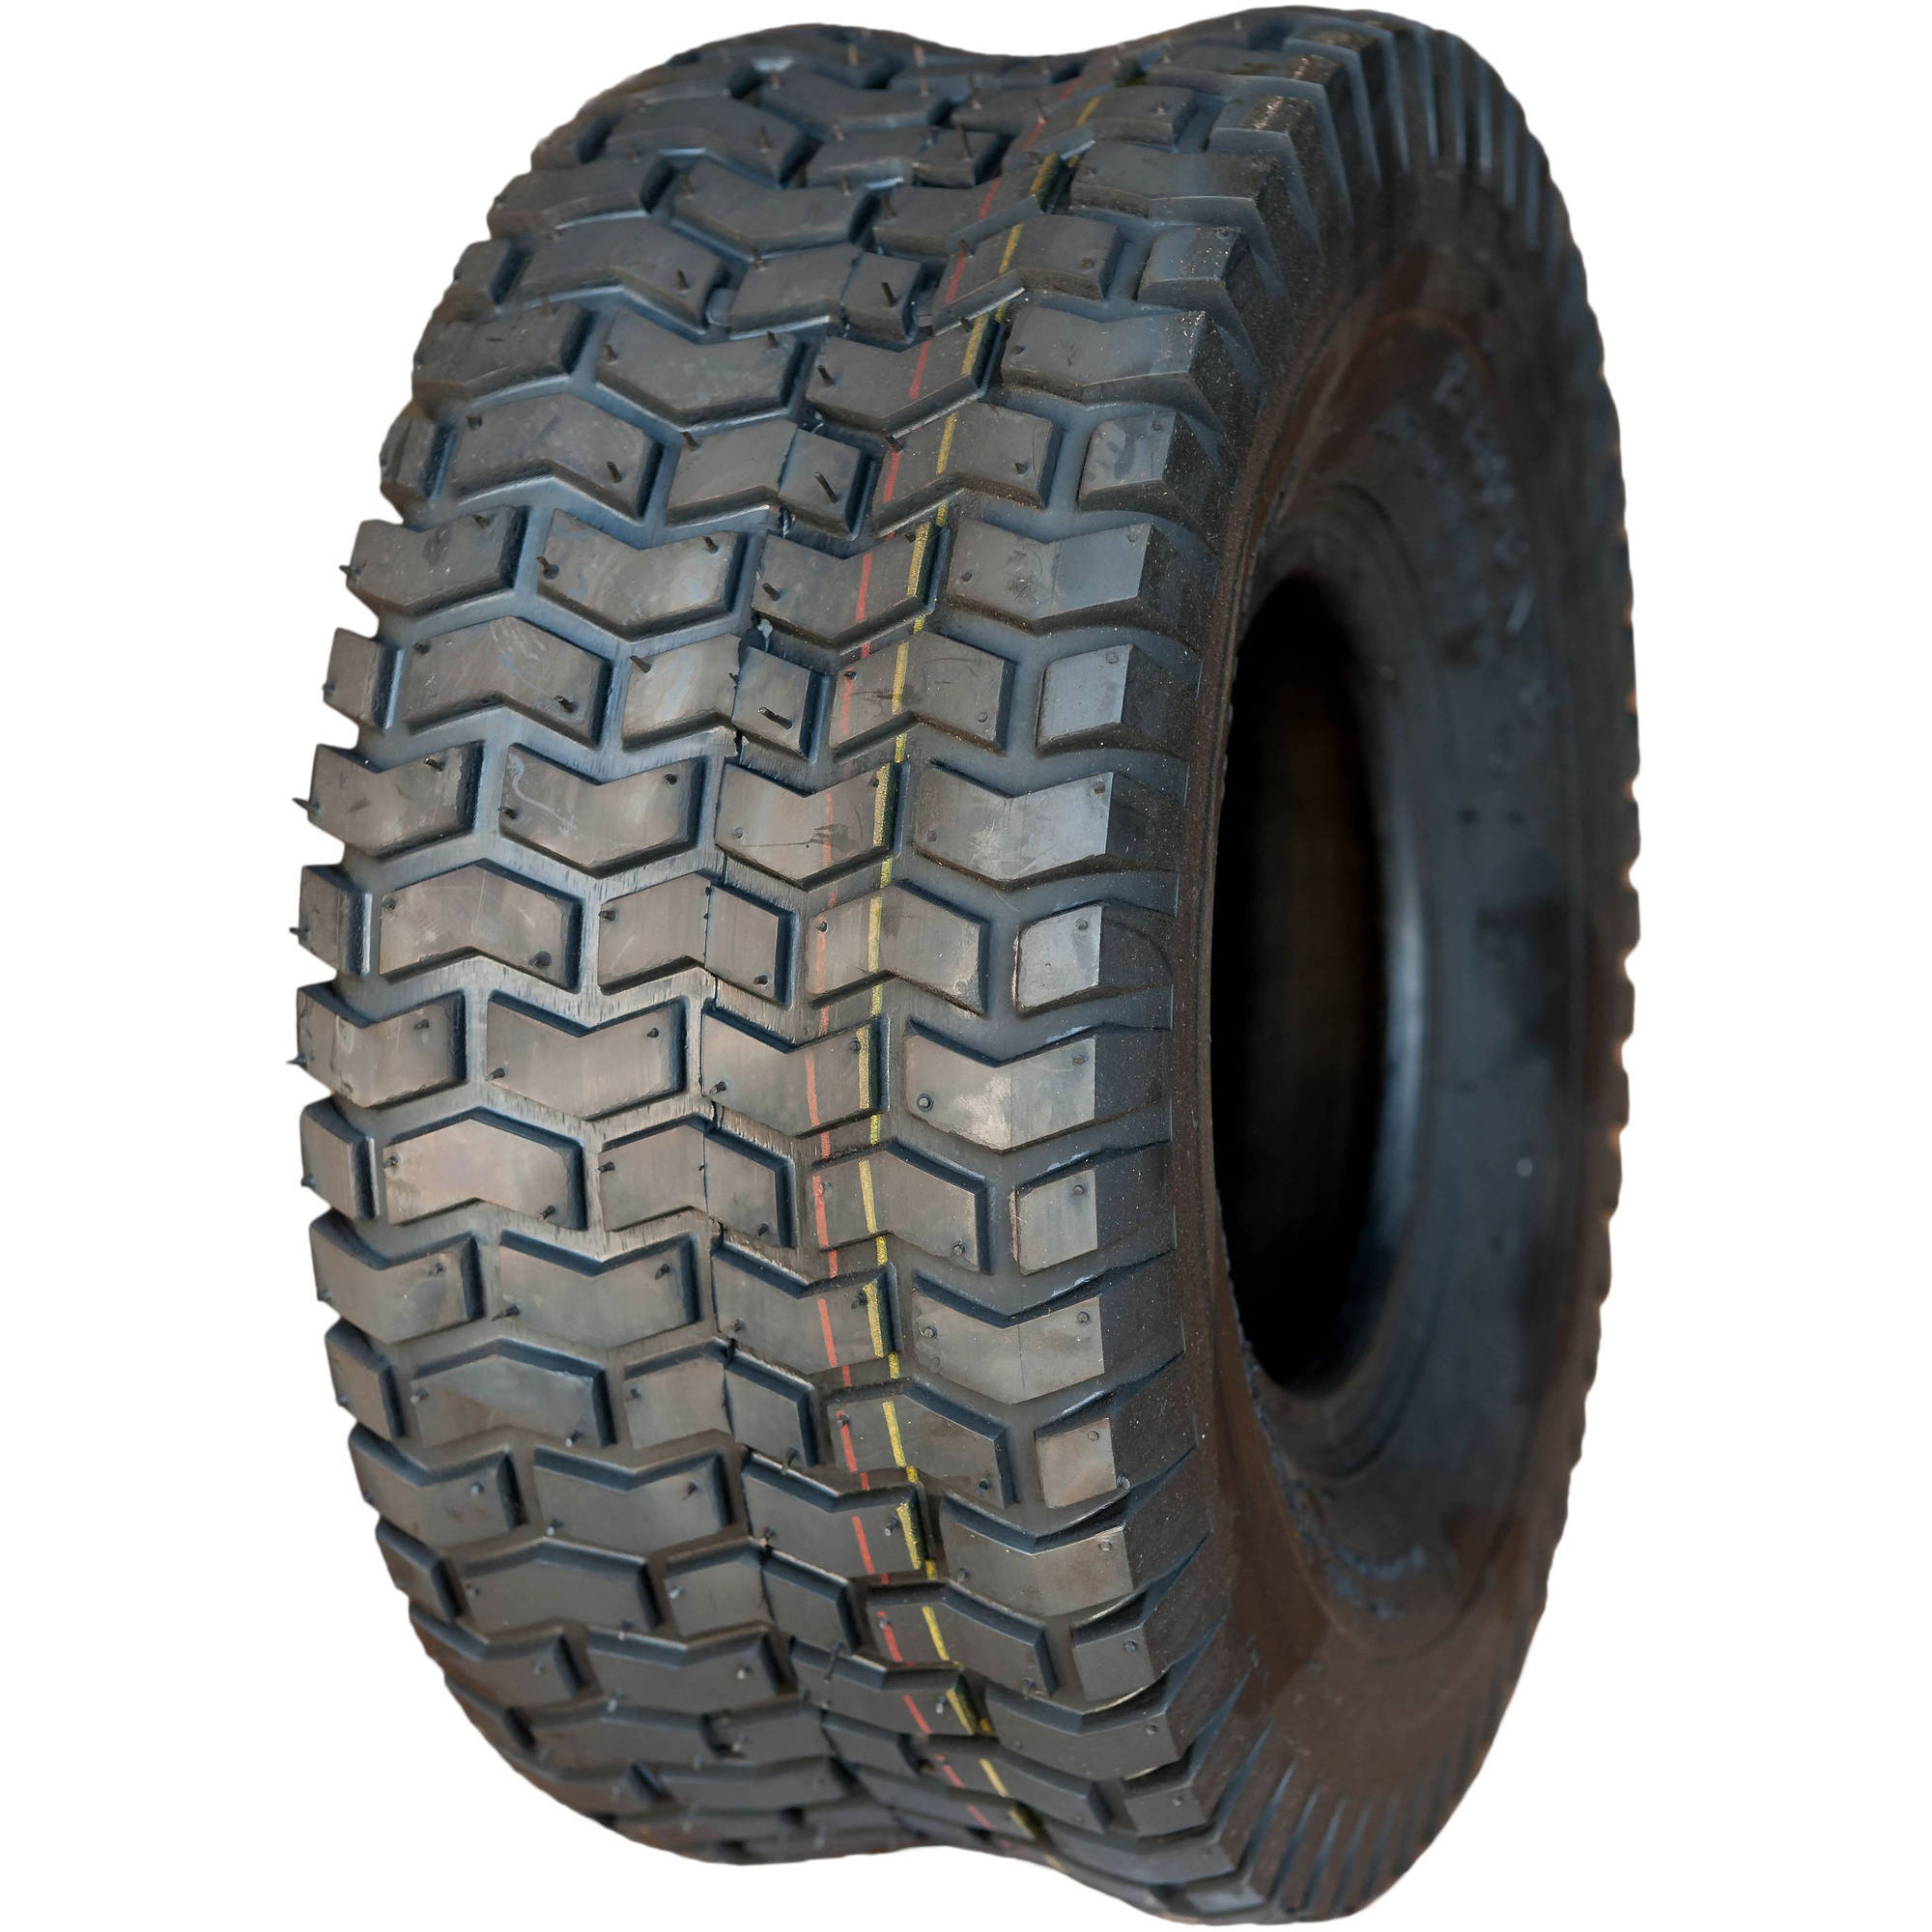 HI-RUN Tire 13x6.5-6 4PR SU12